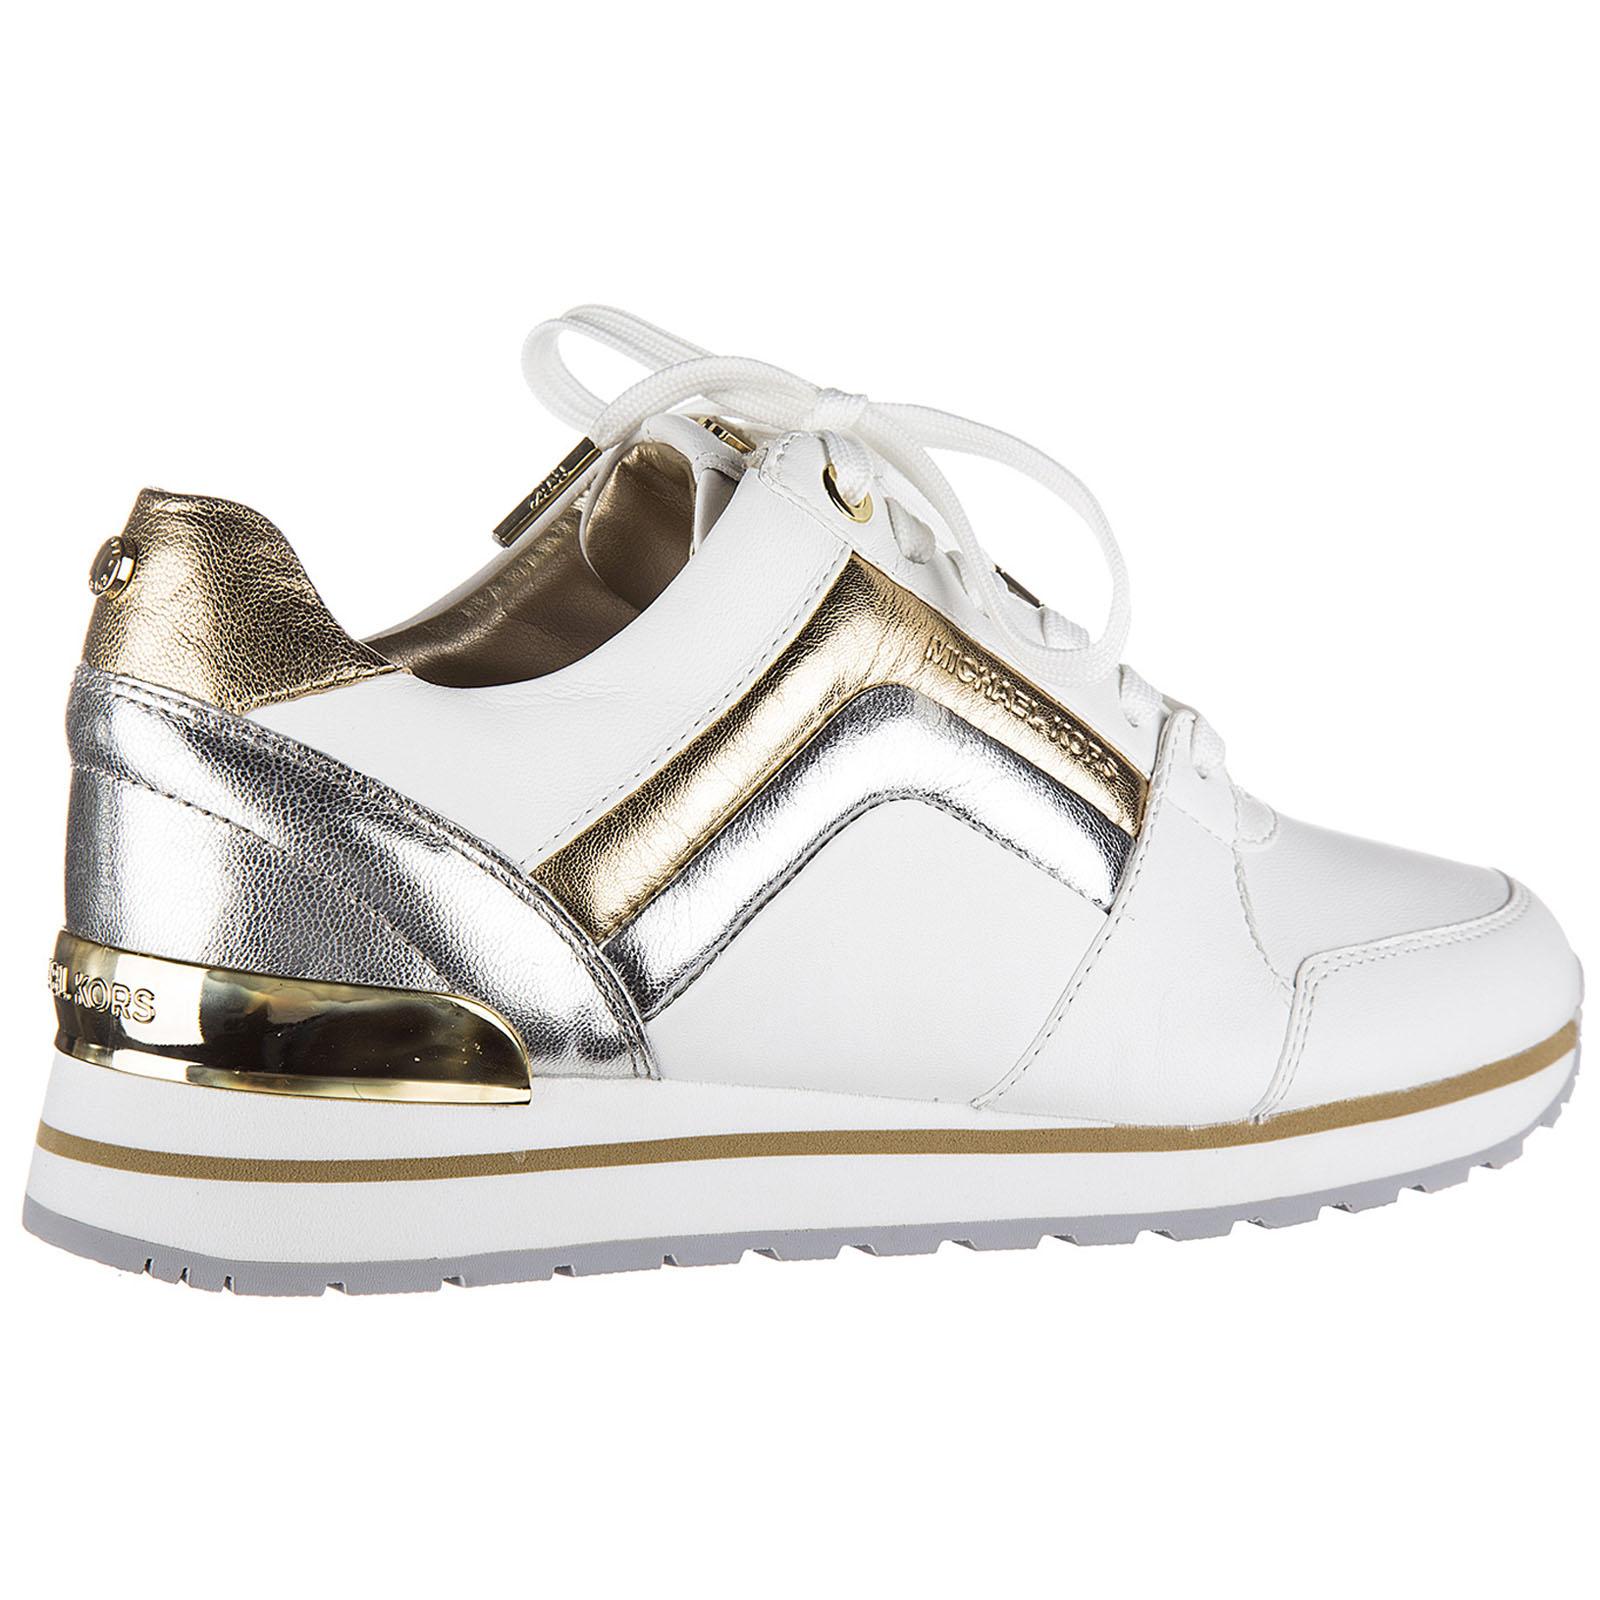 Chaussures baskets sneakers femme en cuir